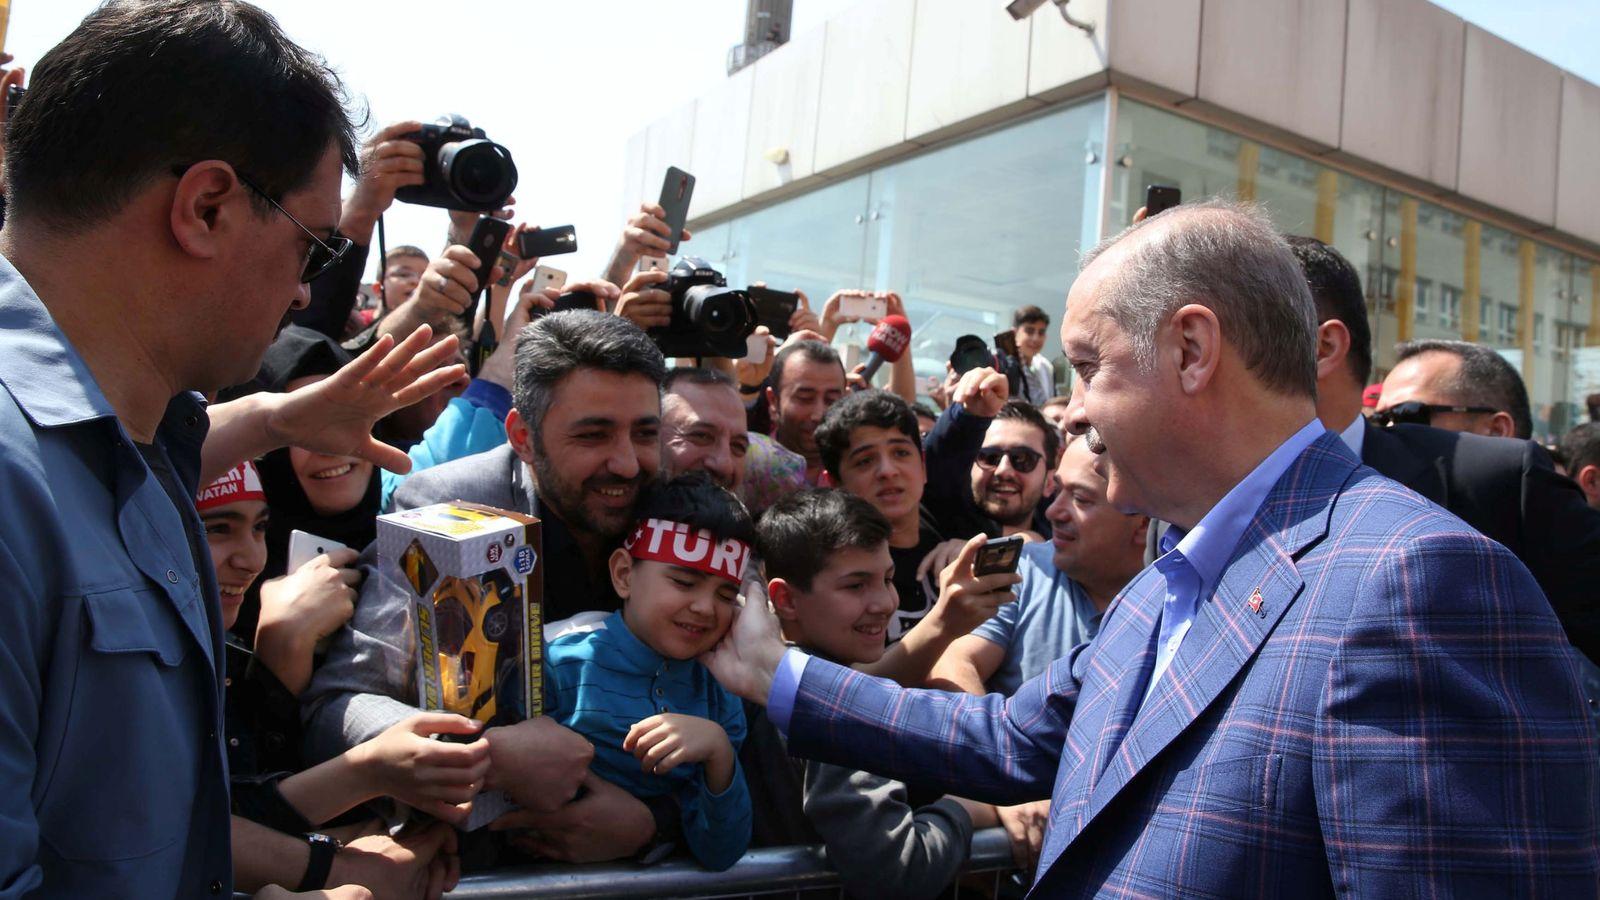 Foto: El presidente turco Tayyip Erdogan saluda a varios simpatizantes tras depositar su voto. (Reuters)